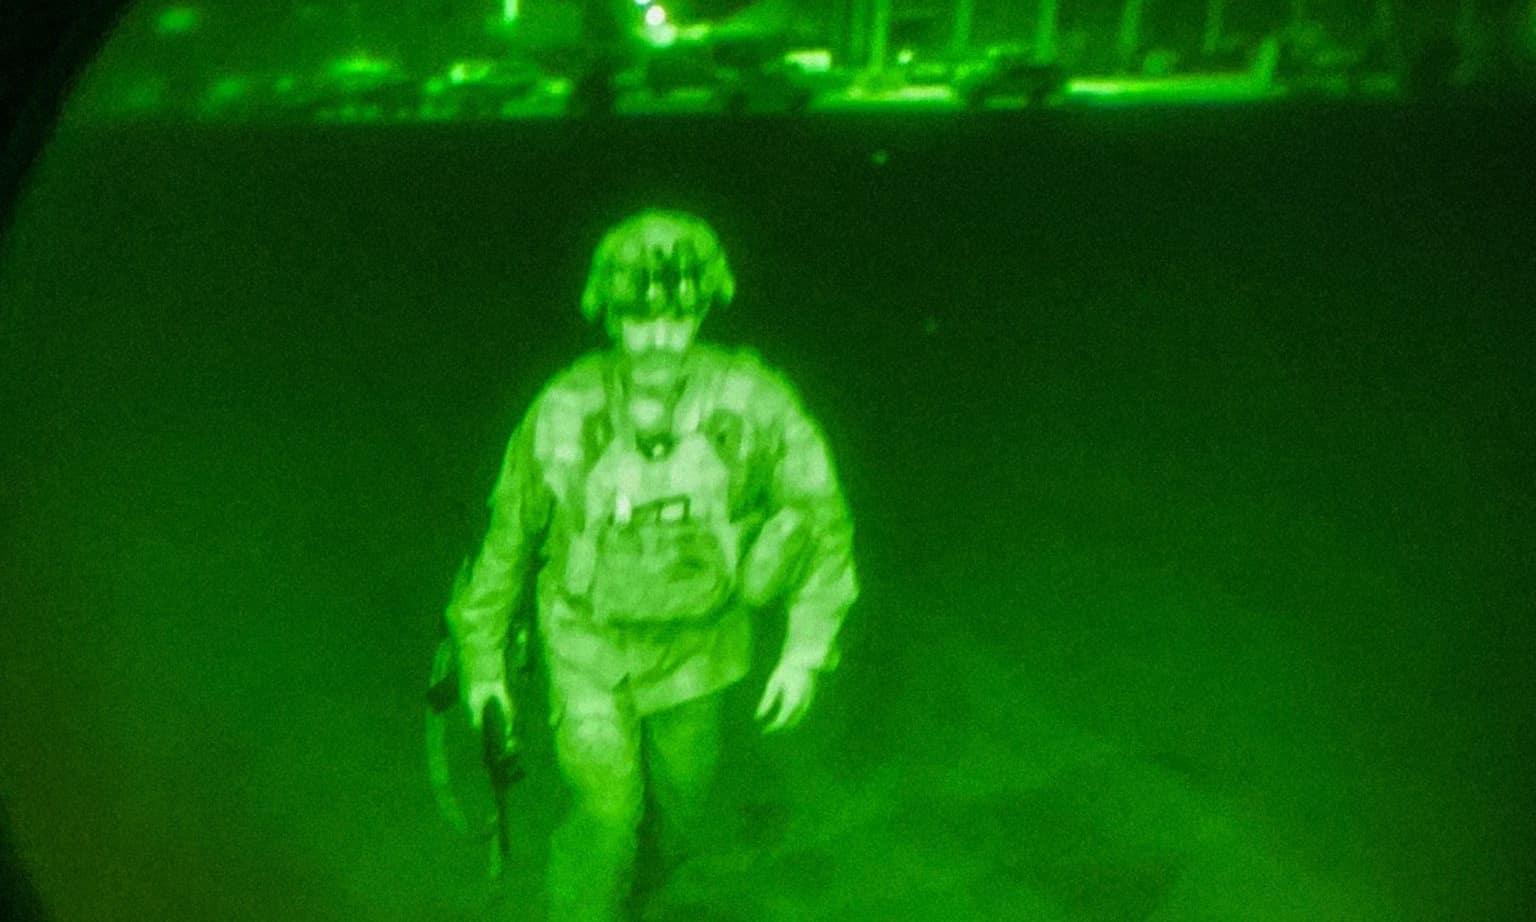 Генерал-майор Кріс Донах'ю - останній військвий США, який залишив Афганістан. 30 серпня 2021. Фото: Військові США